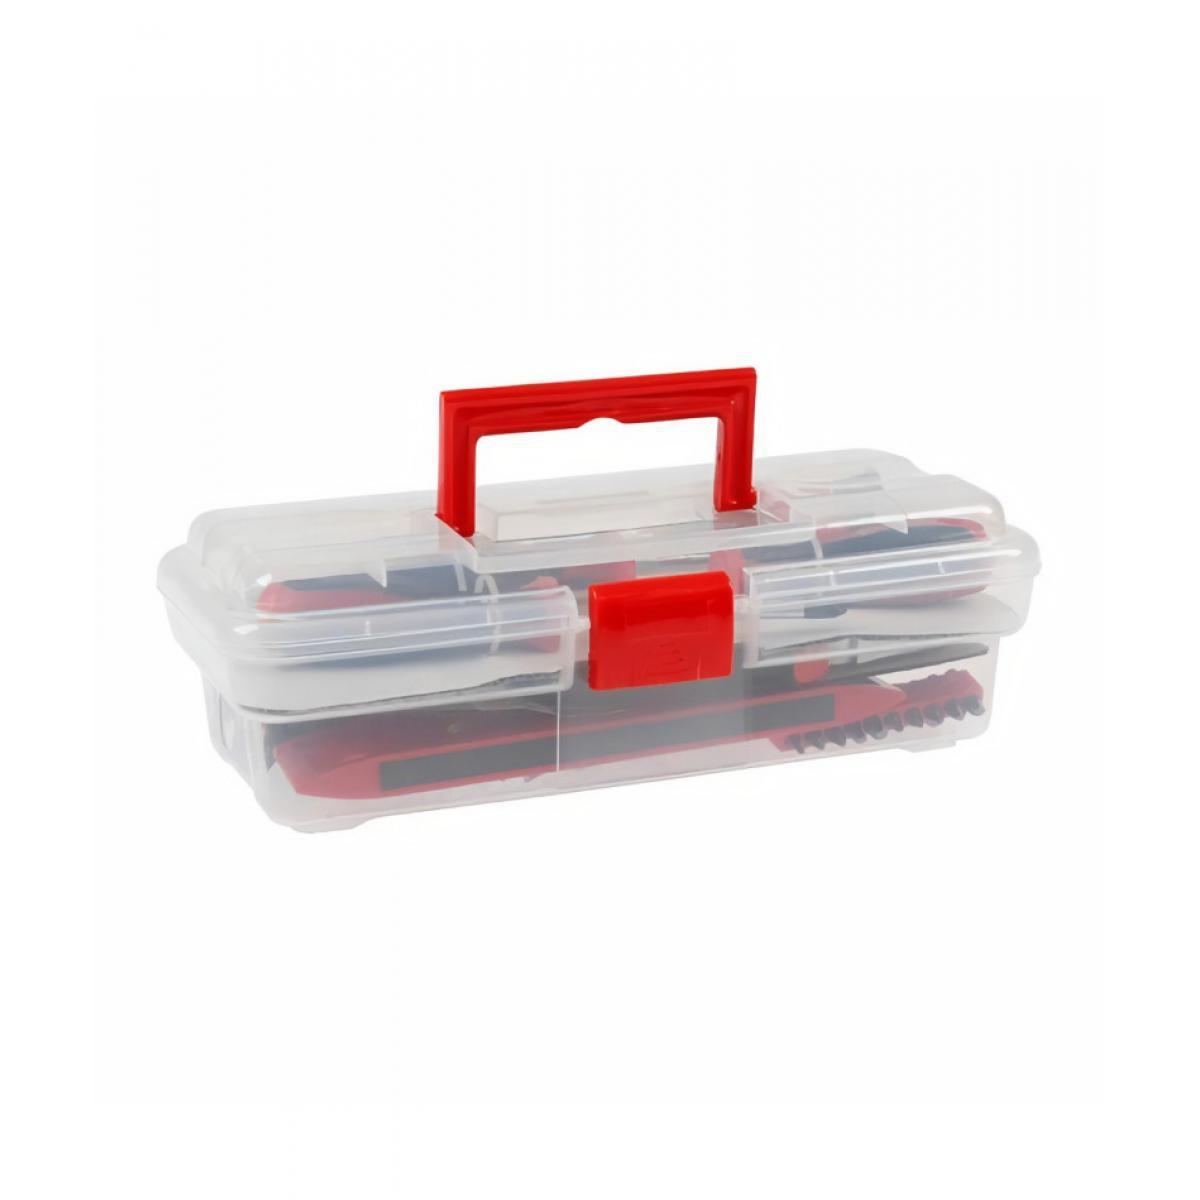 Cogex COGEX Boite de 48 outils complet - Boîte transparente